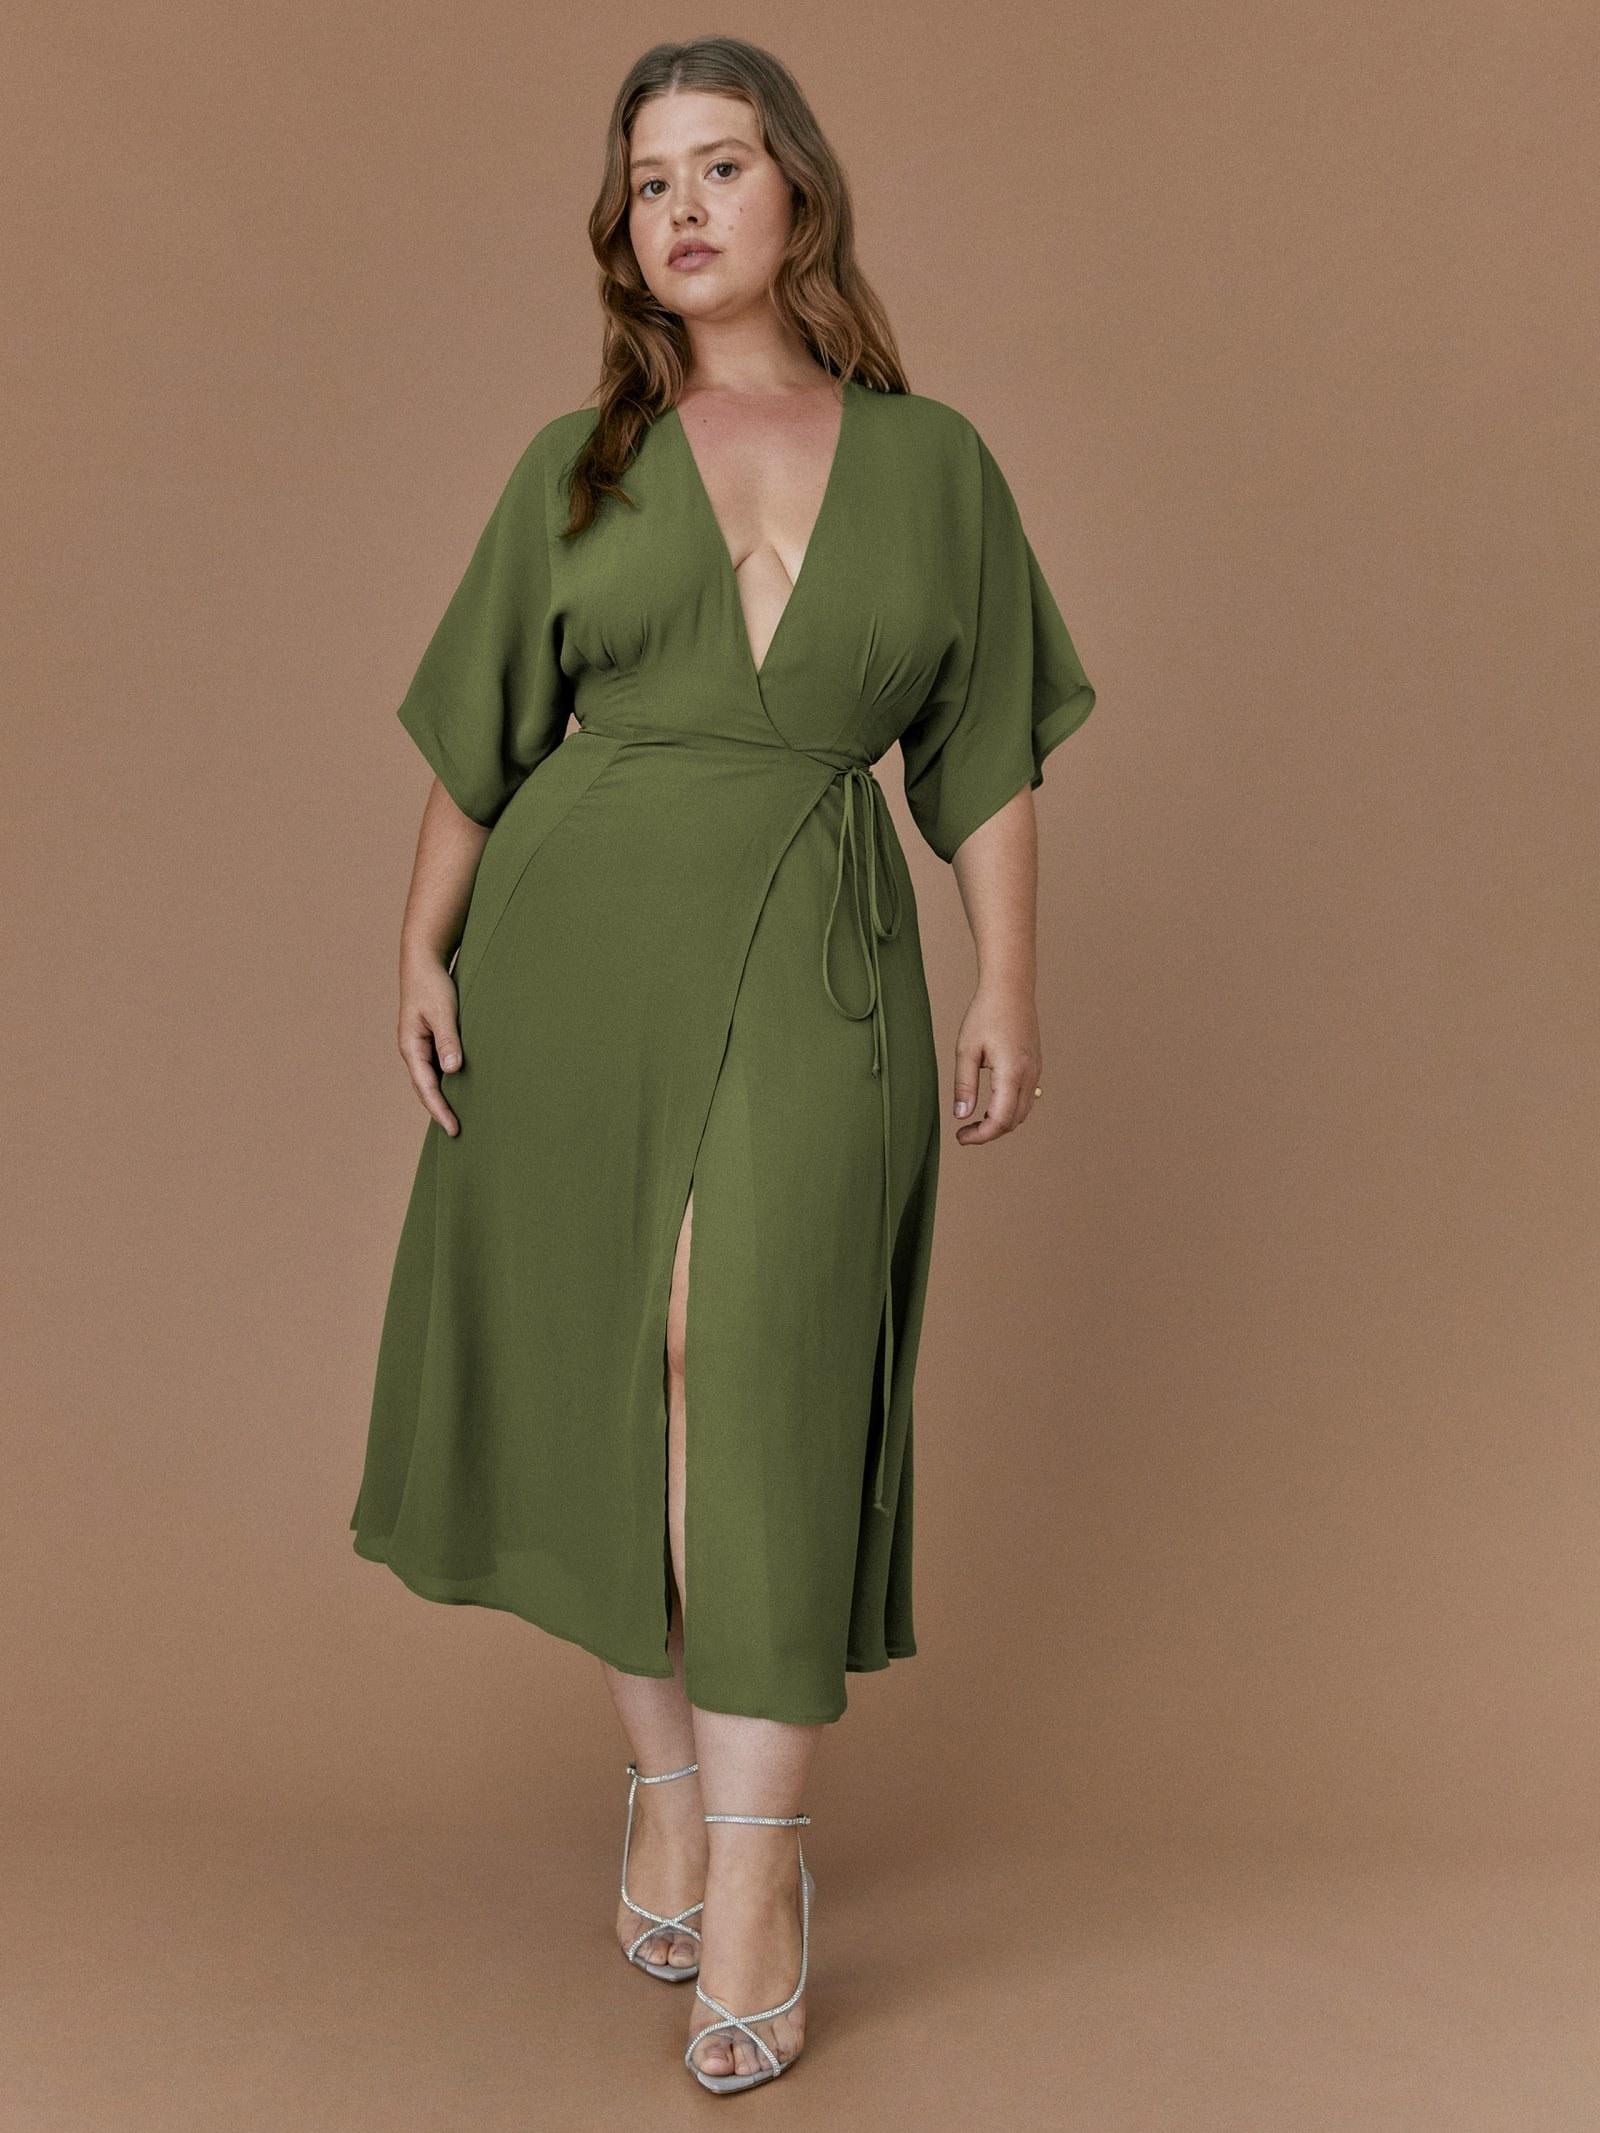 Model wearing green wrap dress